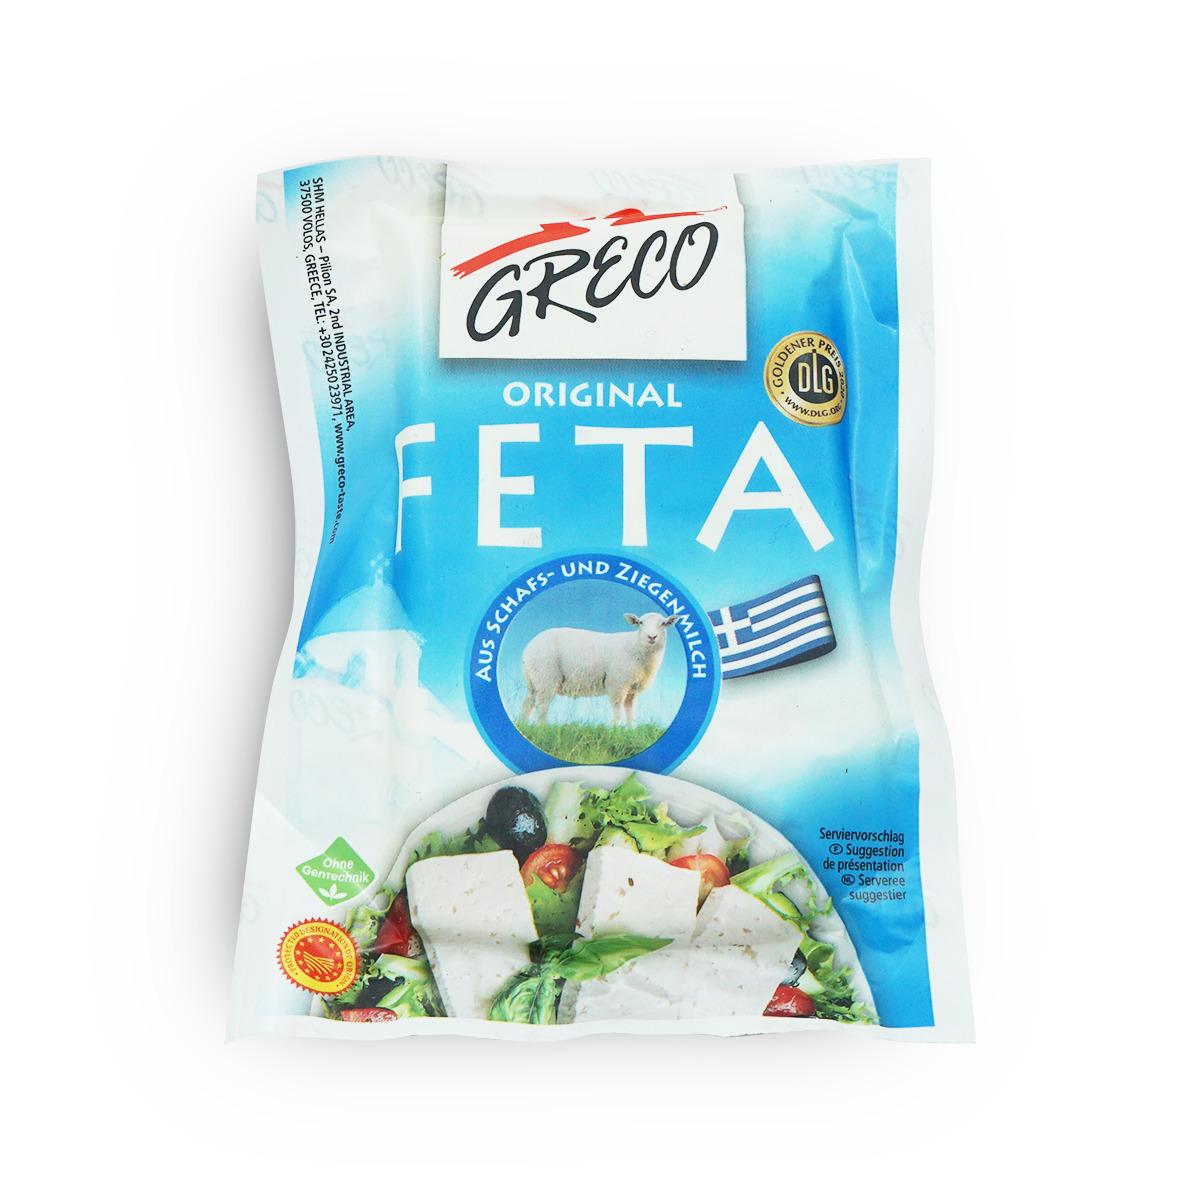 Greco Griechischer Feta Käse